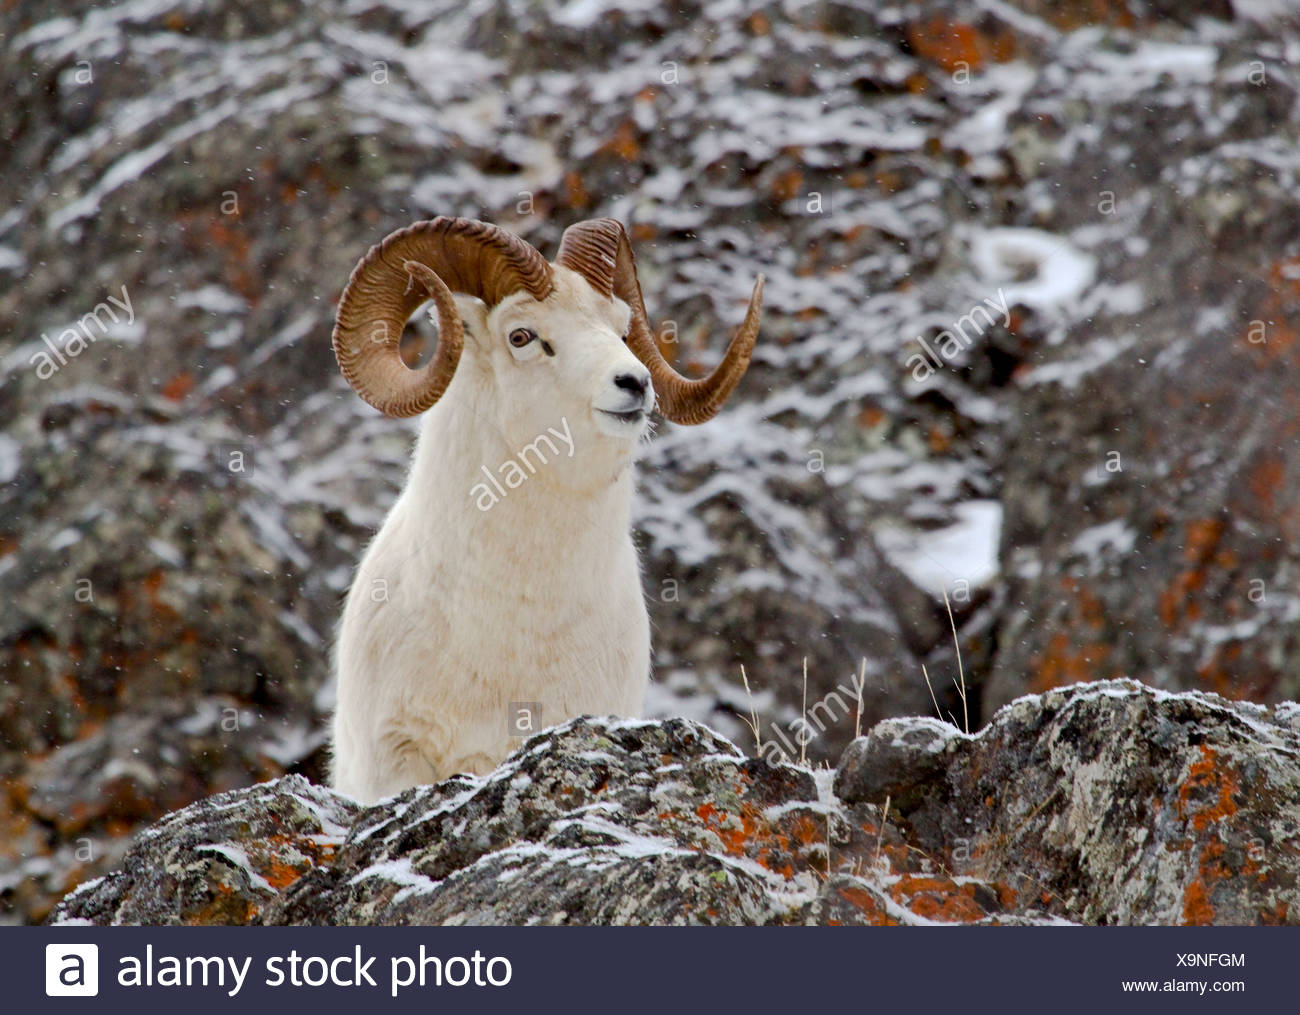 De l'Alaska. Dall (Orvis dalli) full curl ram dans les montagnes enneigées du parc d'état de Chugach Turnagain Arm,.. Photo Stock